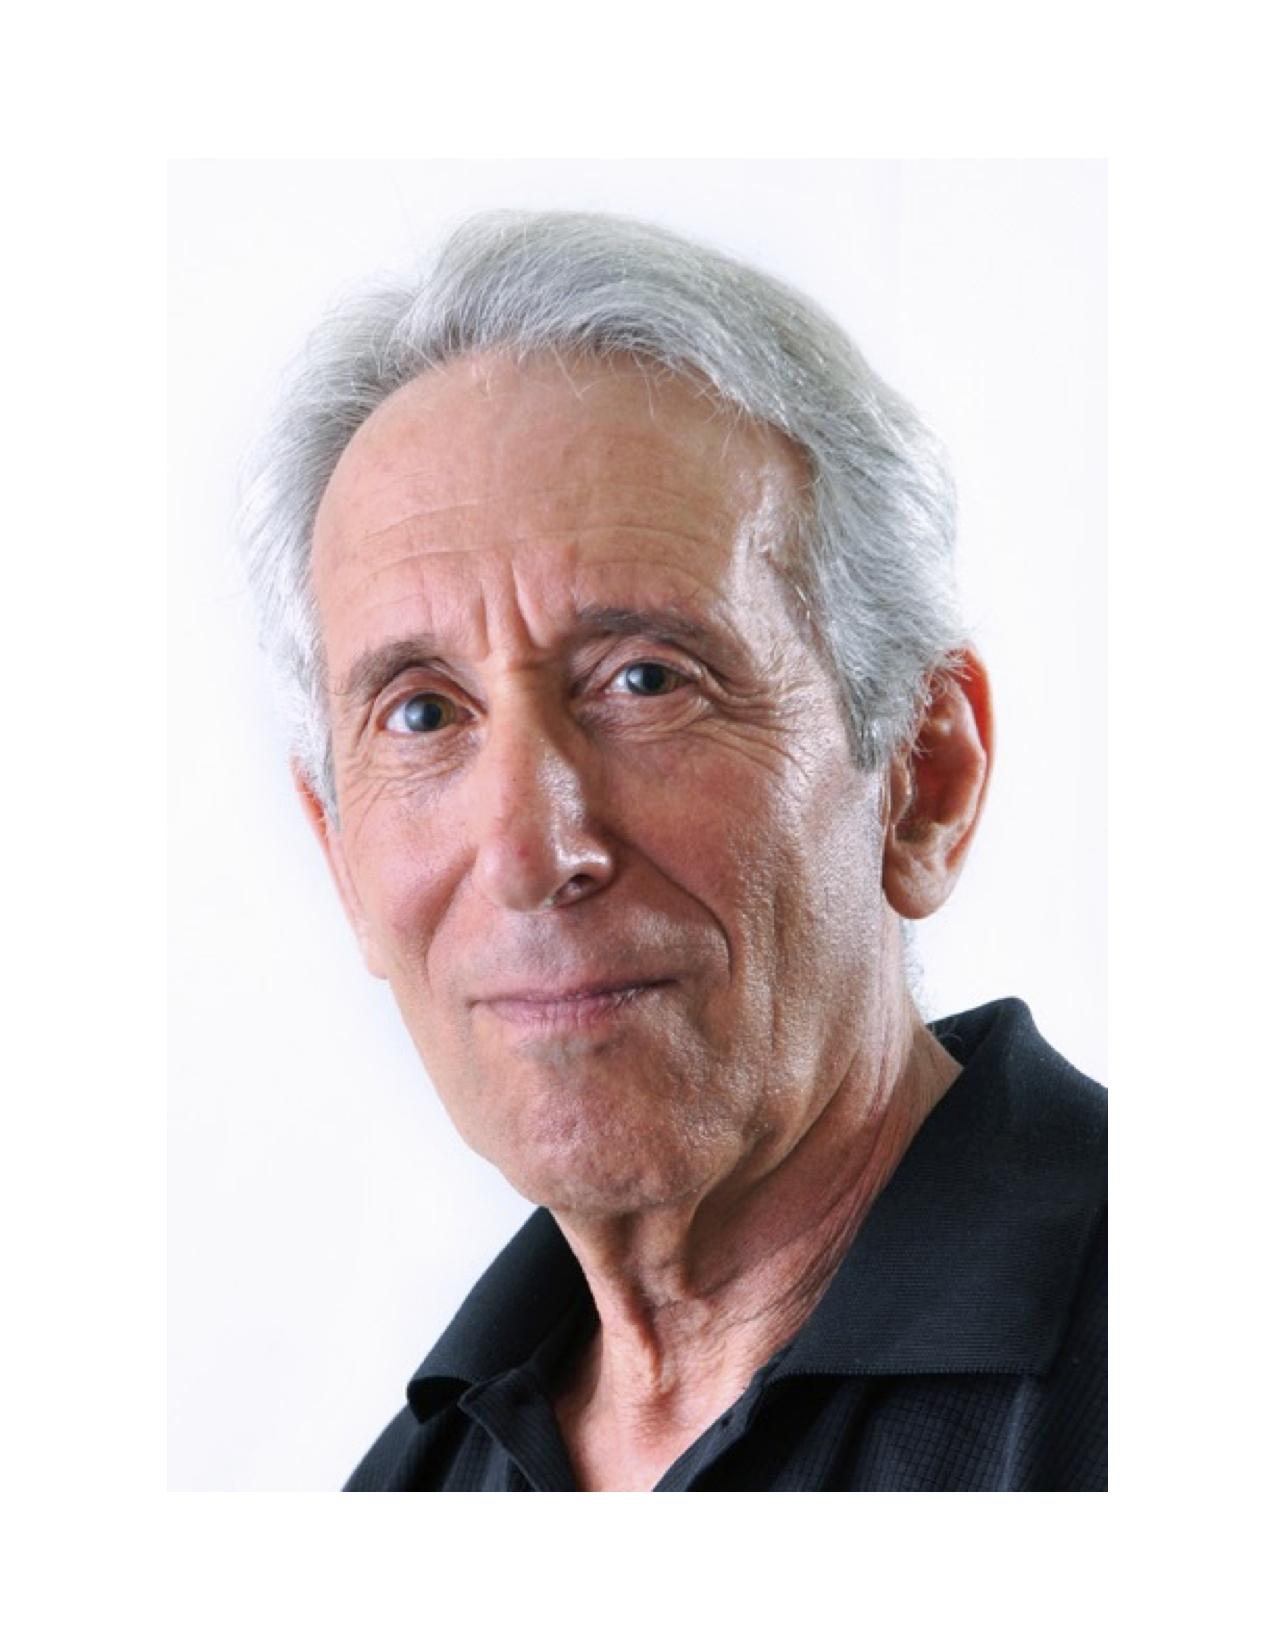 Dr. Saul Miller